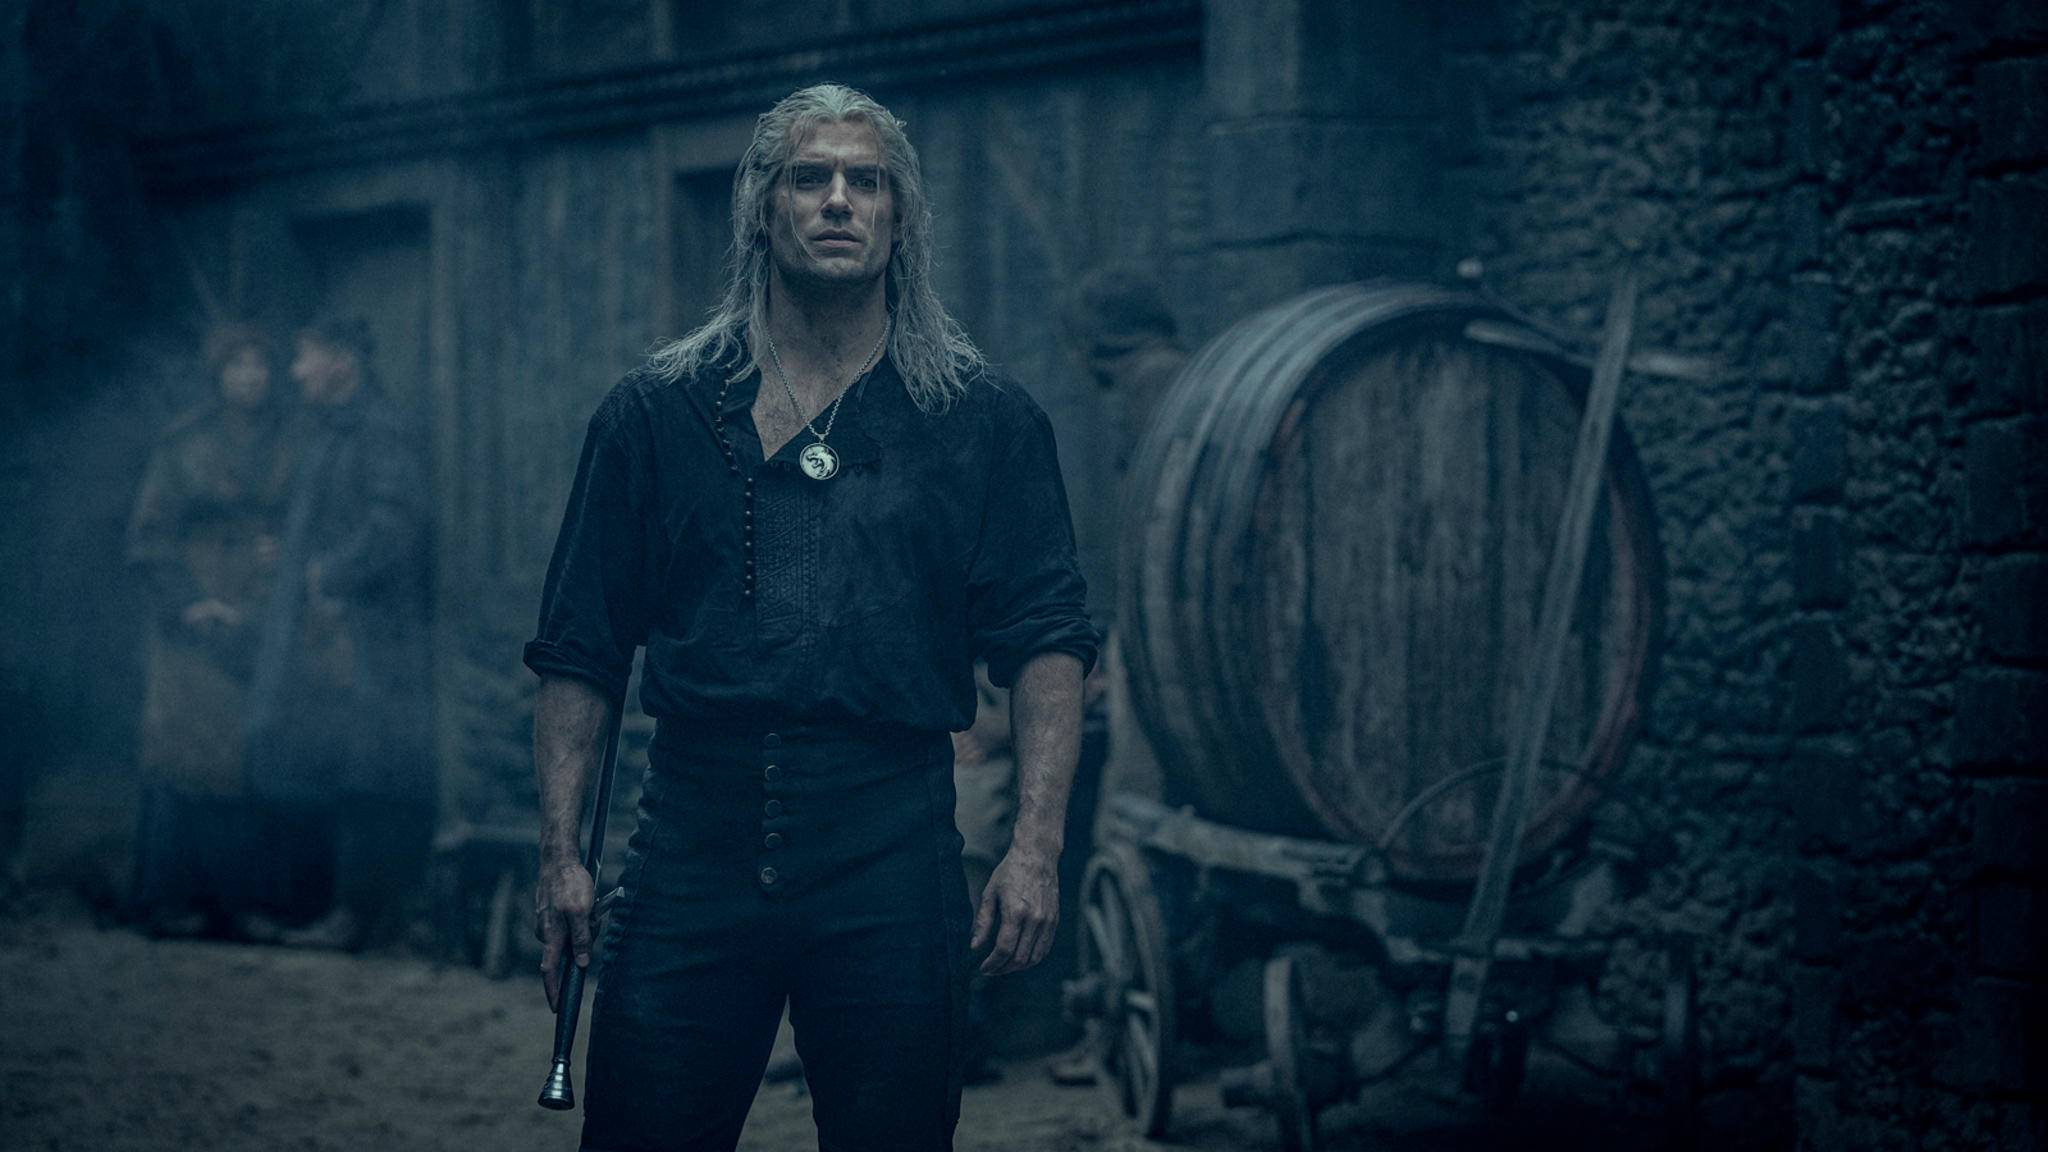 Witcher Gerald von Riva Henry Cavill